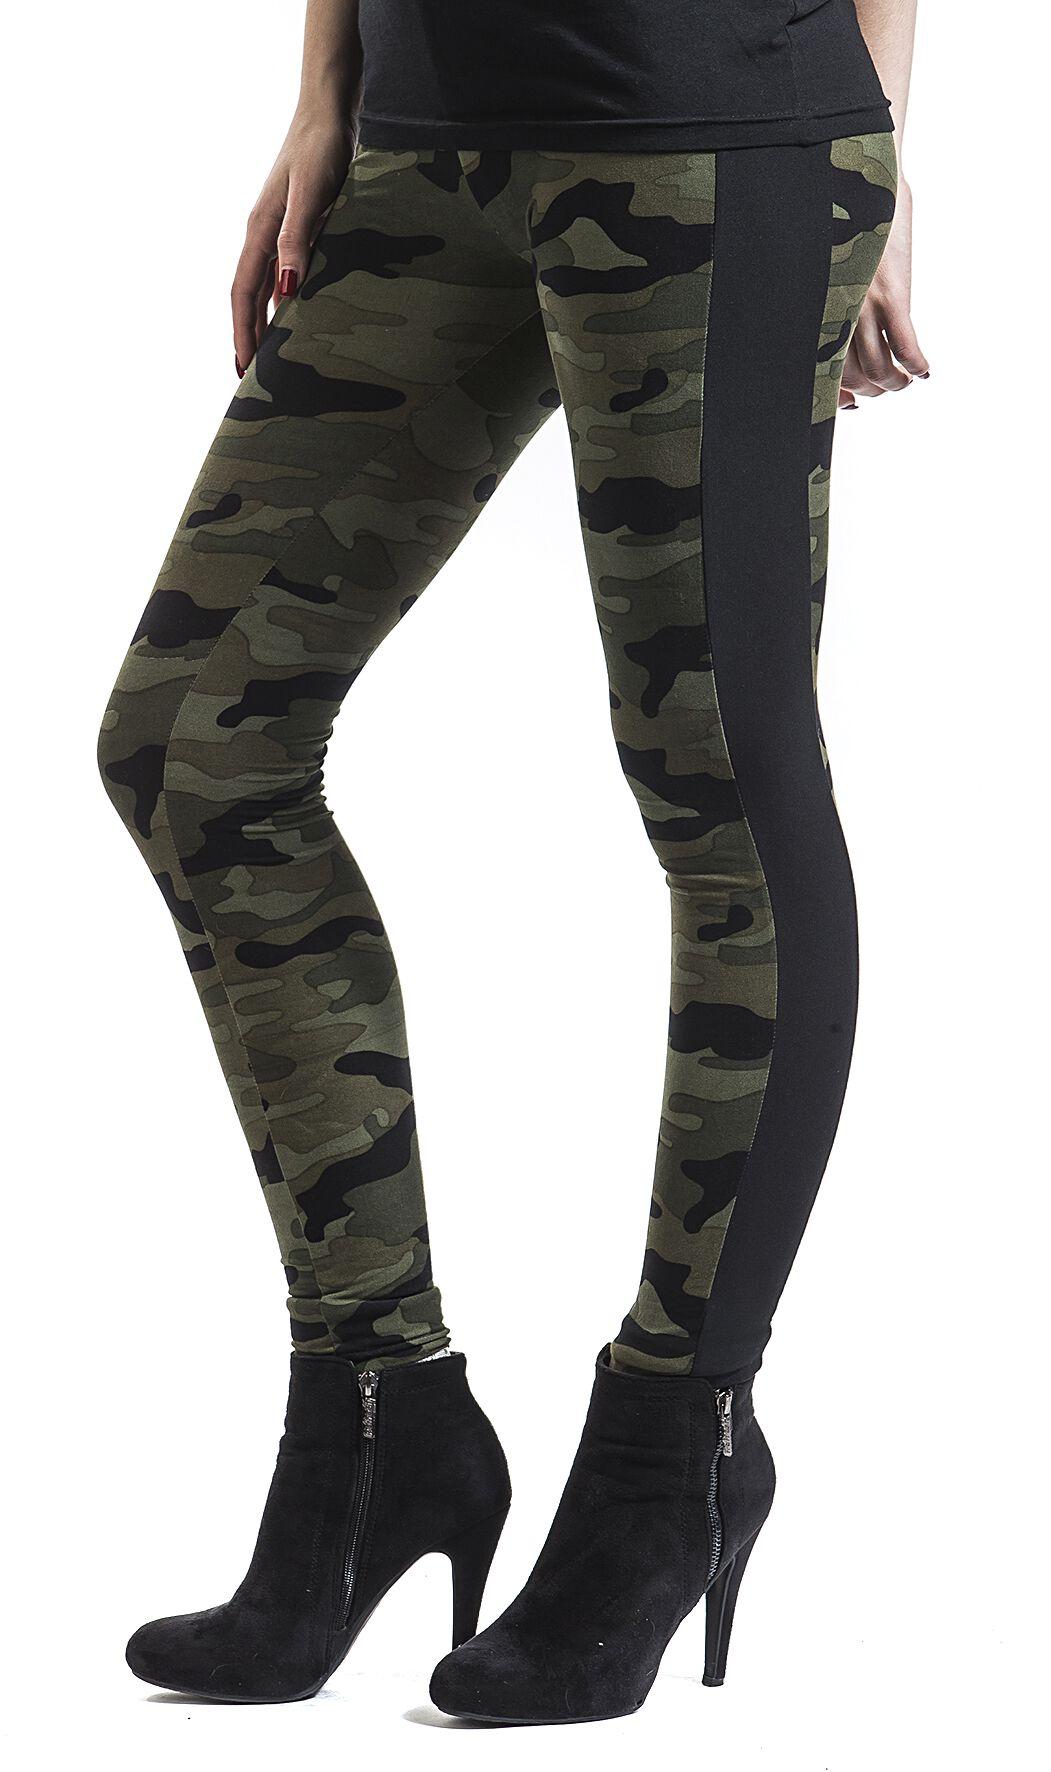 52c9c0836fc64 Urban Classics. Ladies Camo Stripe Leggings. Leggings. 2 Reviews